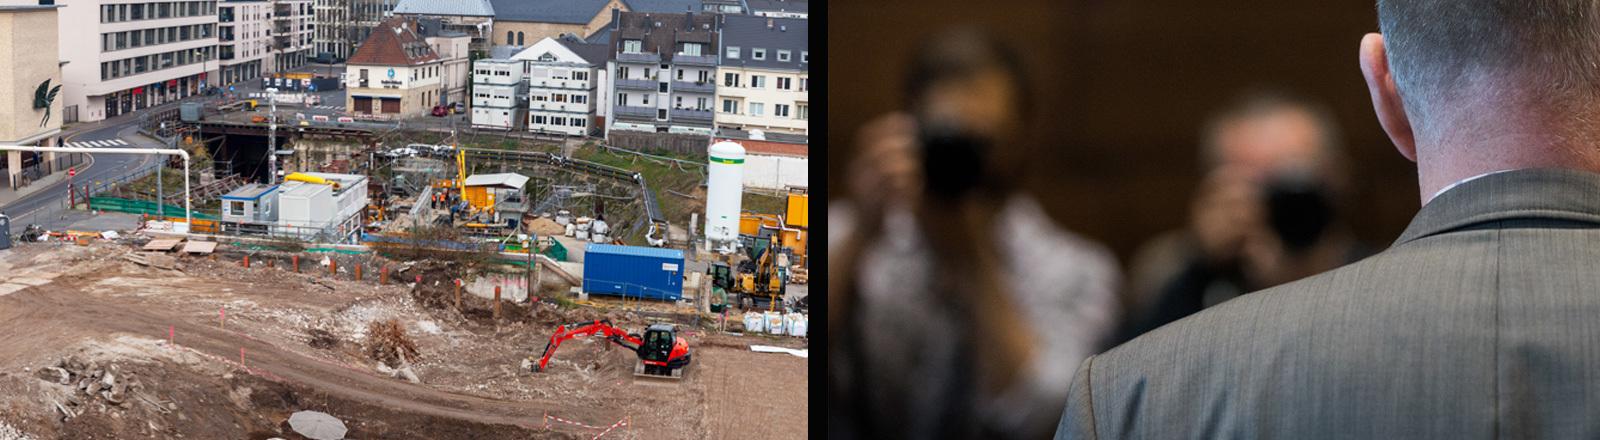 Kölner Stadtarchiv nach dem Einsturz und der Verurteilte.